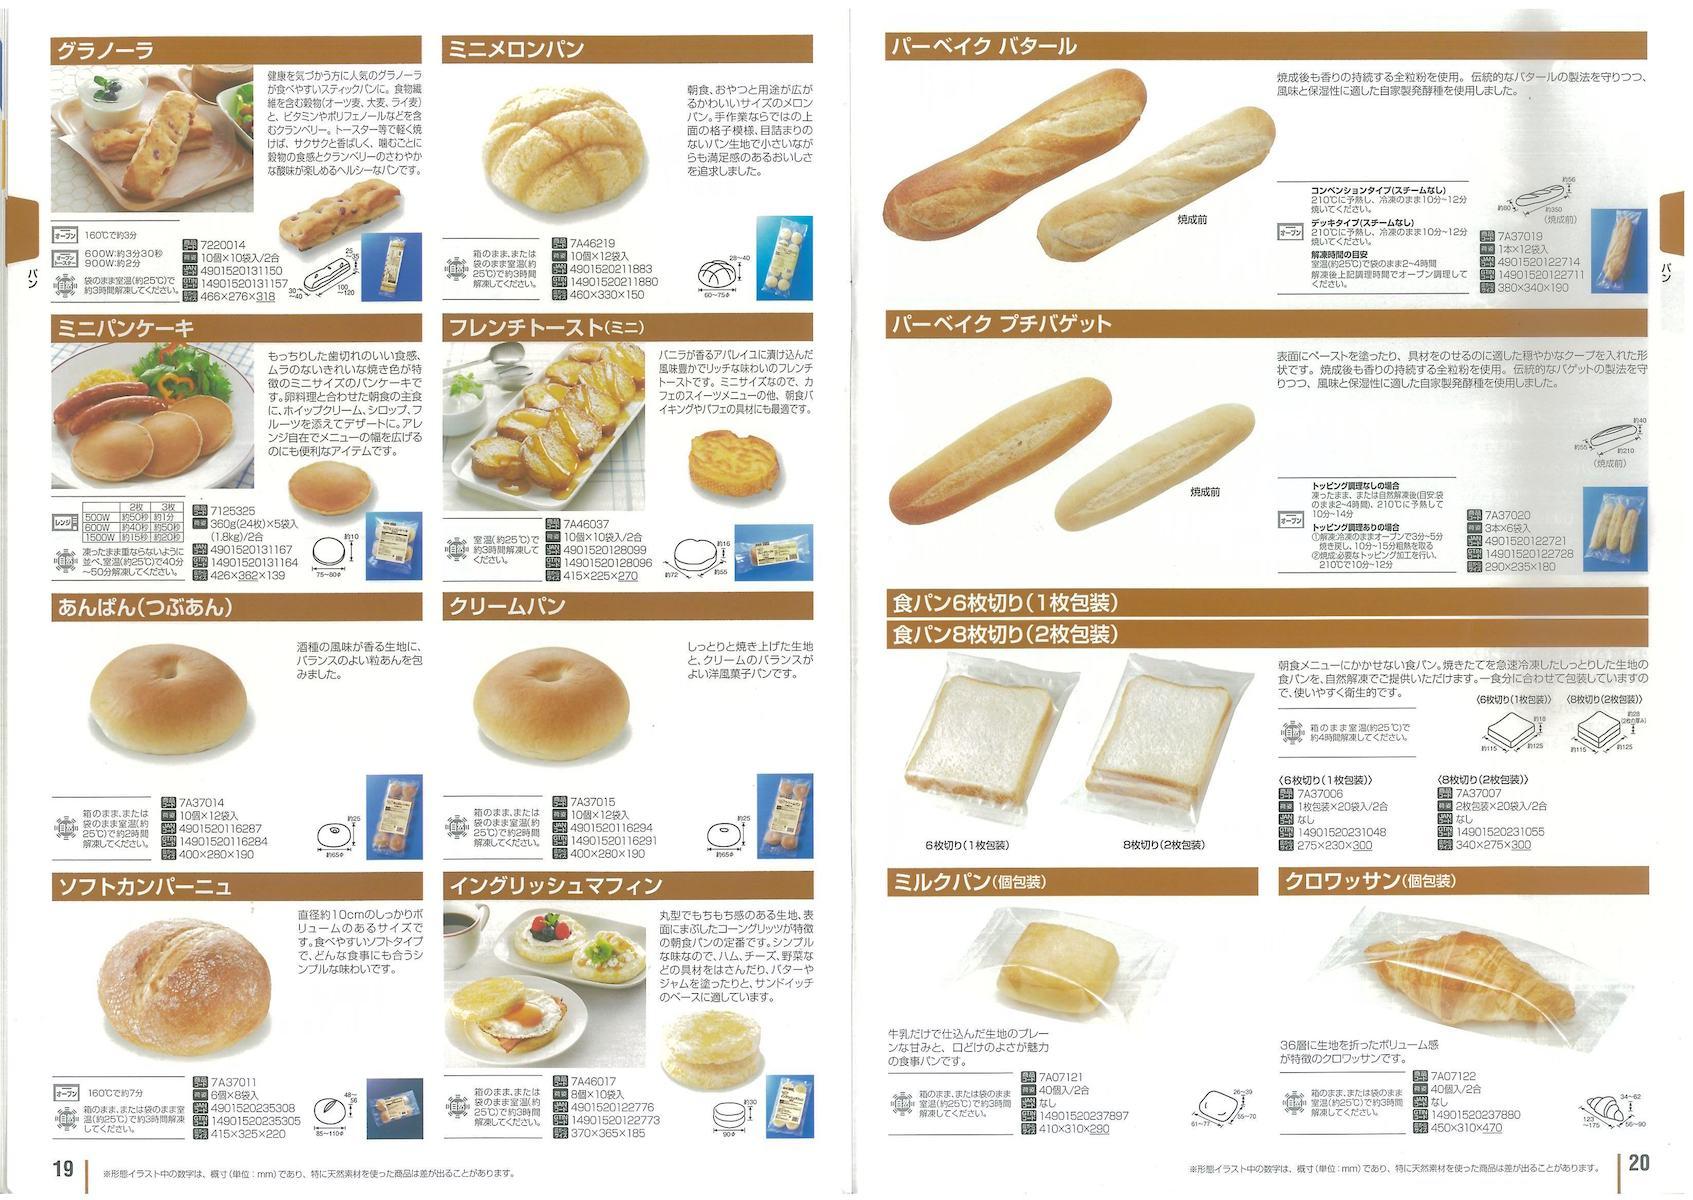 テーブルマーク グラノーラ ミニメロンパン ミニパンケーキ フレンチトースト(ミニ) あんぱん(つぶあん) クリームパン ソフトカンパーニュ イングリッシュマフィン パーベイクバタール パーベイクプチバゲット 食パン6枚切り(1枚包装) 食パン8枚切り(2枚内装) ミルクパン(個包装) クロワッサン(個包装)